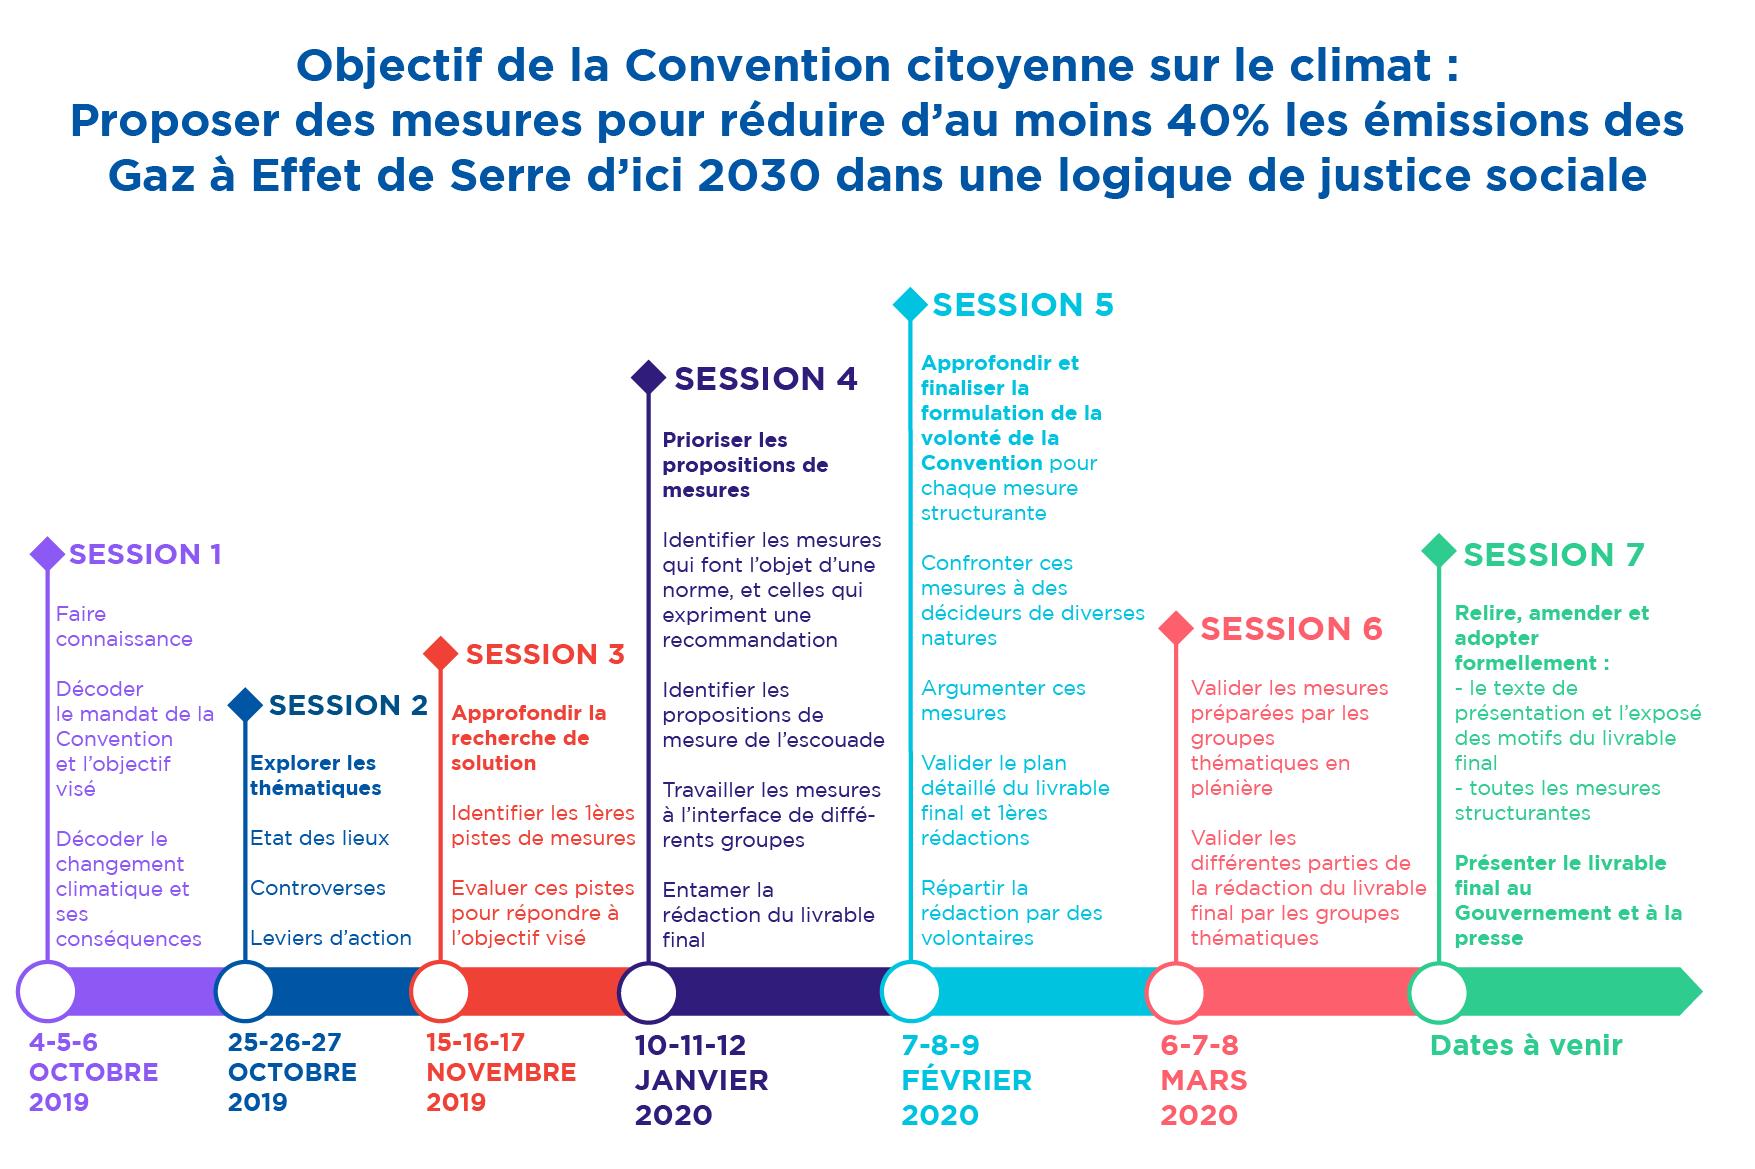 Calendrier de la Convention Citoyenne pour le climat. Y figure la date des 7 sessions ainsi que leurs objectifs.